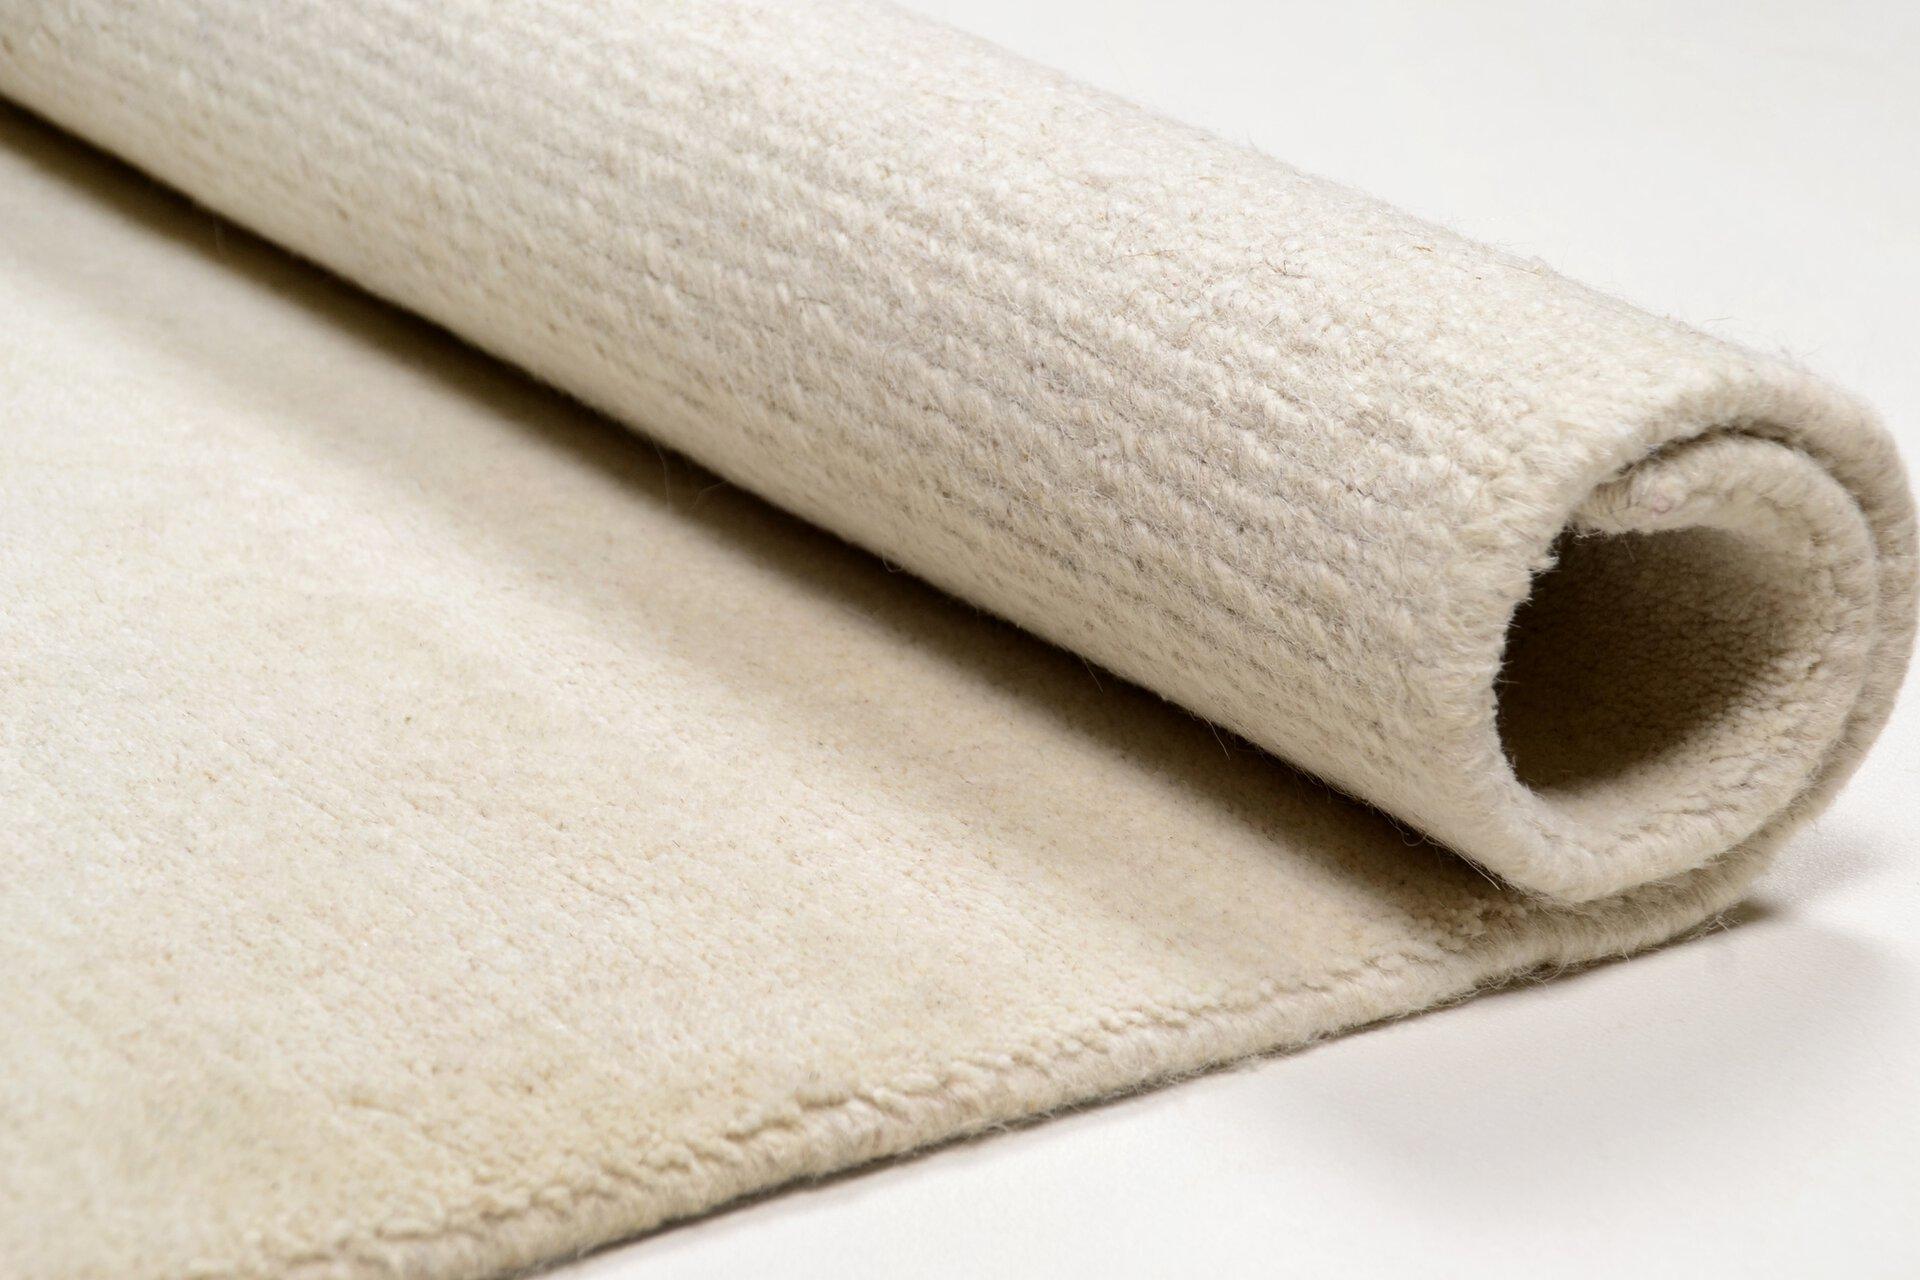 Handknüpfteppich Natpur Theko Textil weiß 1 x 1 cm